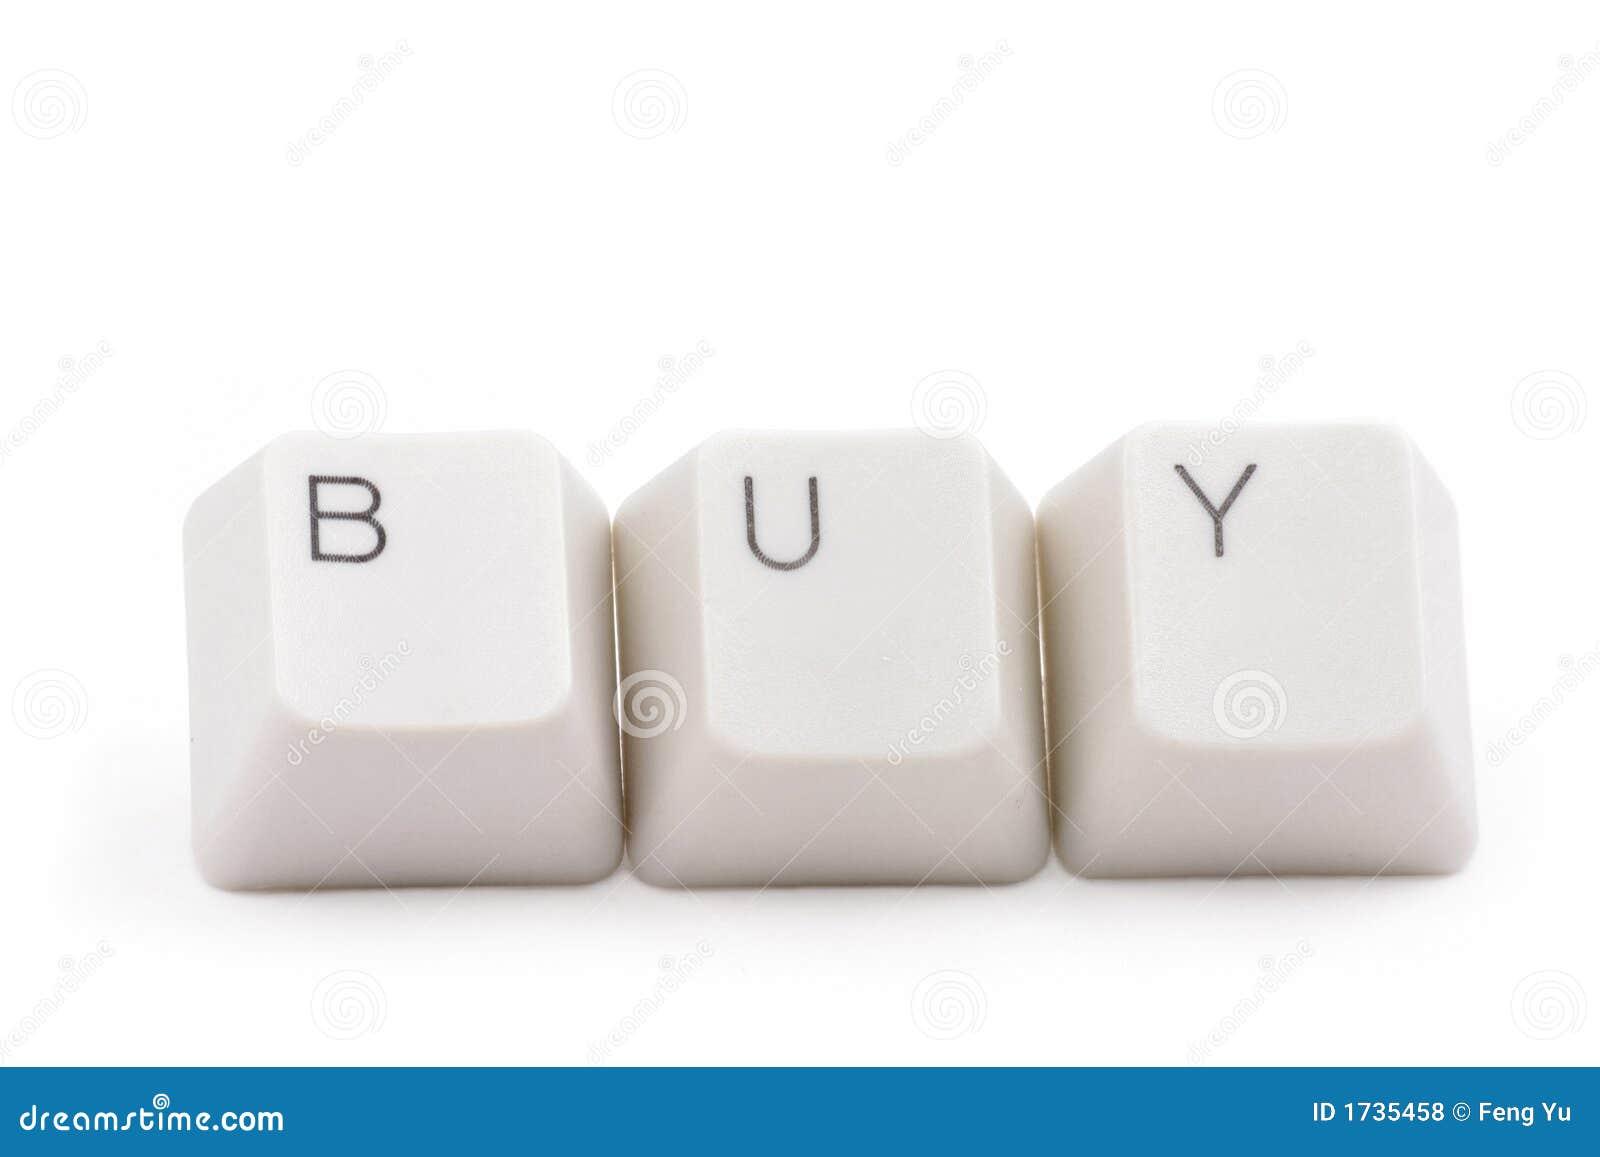 concept des achats en ligne photos libres de droits image 1735458. Black Bedroom Furniture Sets. Home Design Ideas